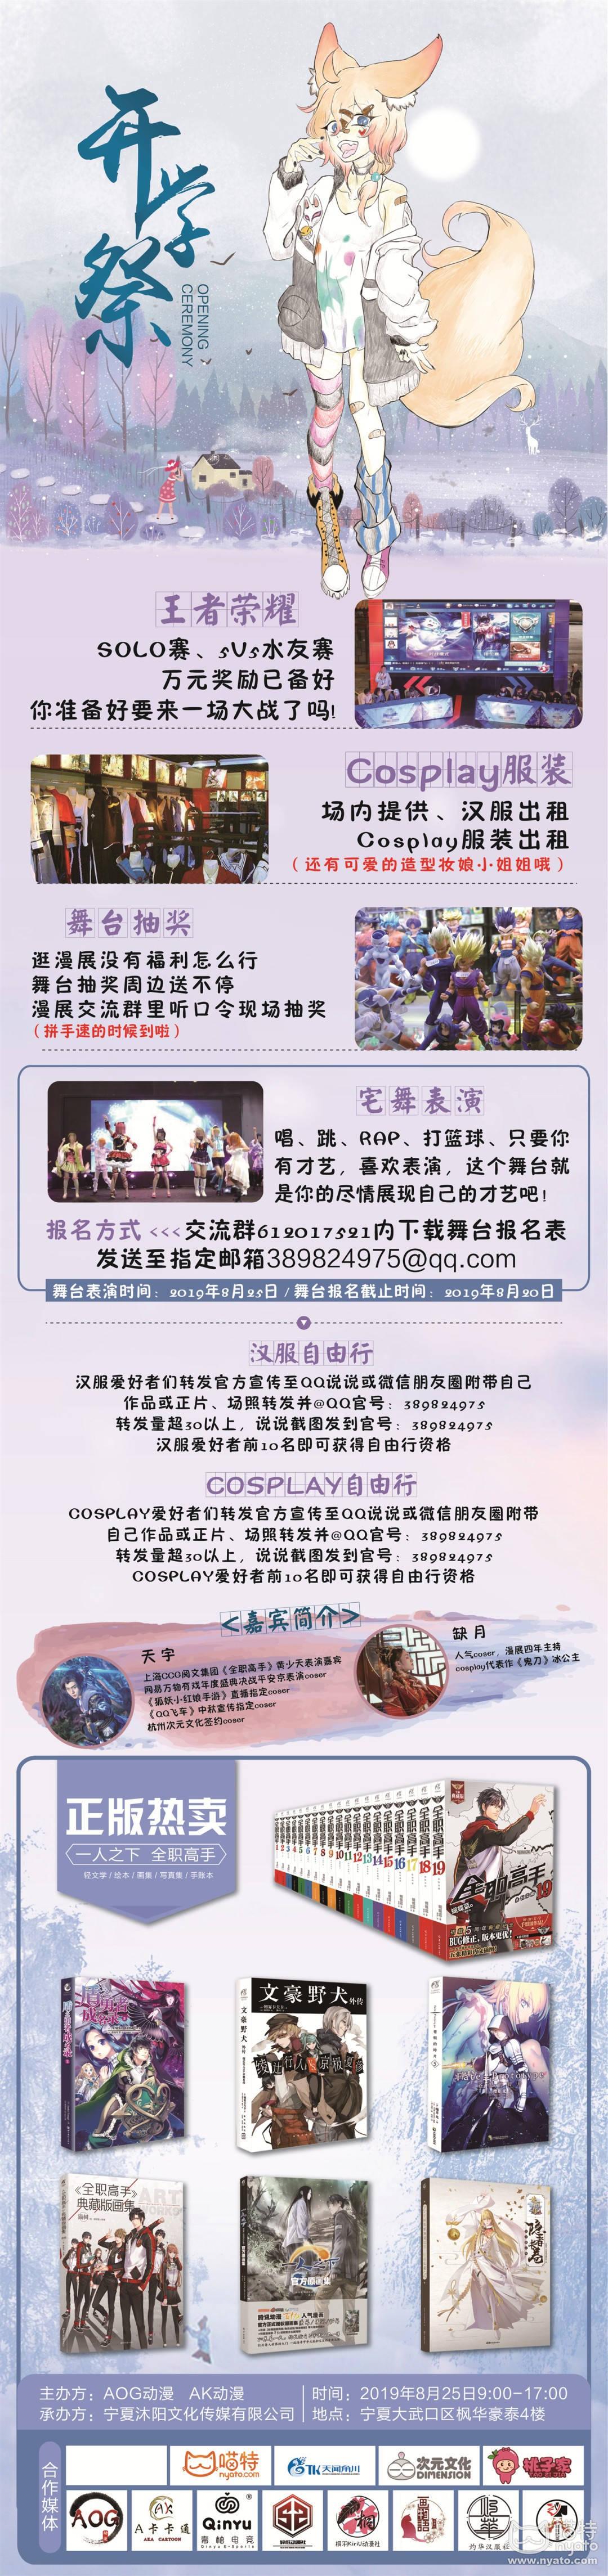 开学祭宣传长图.jpg